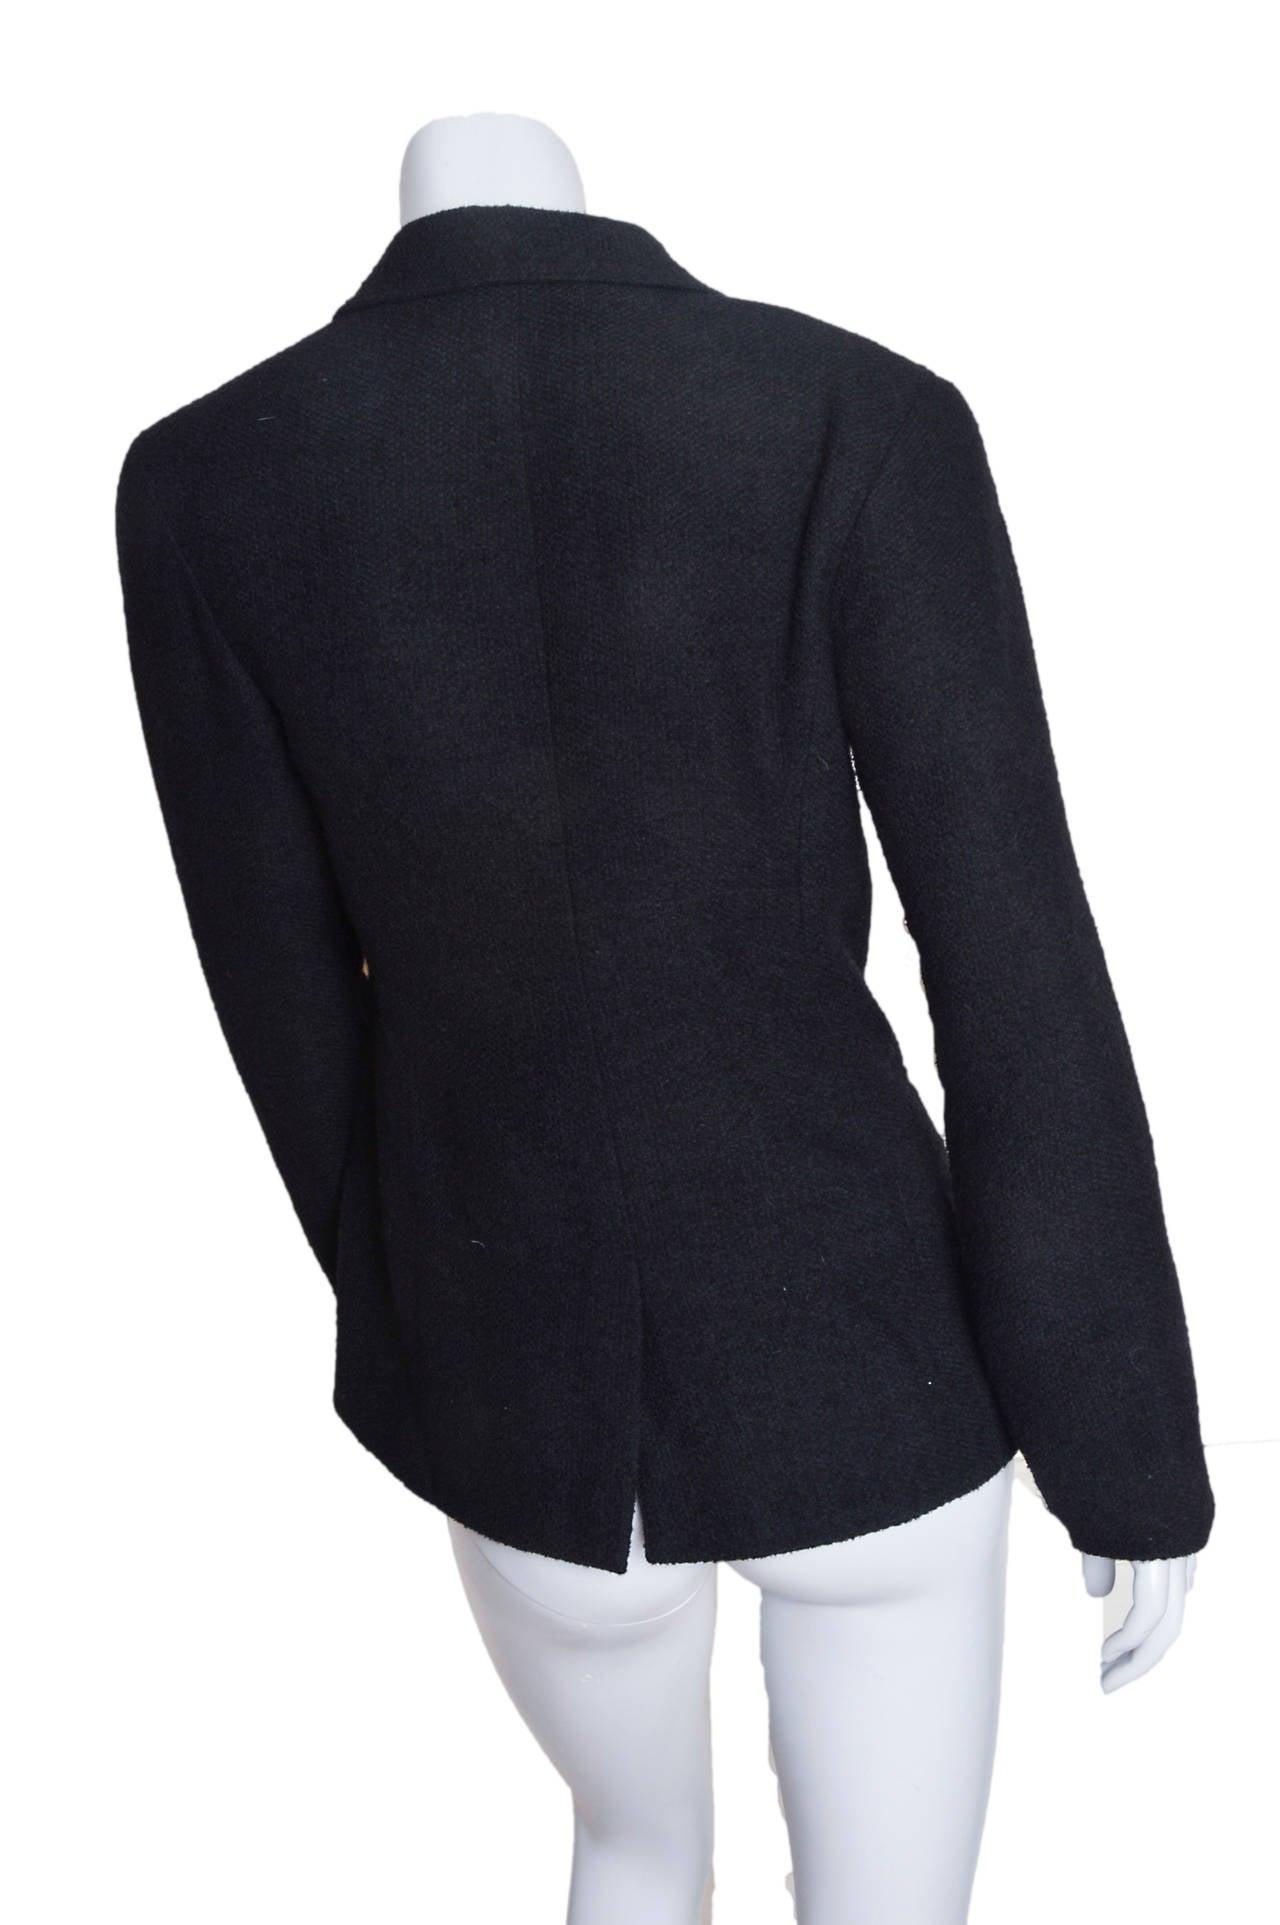 Chanel Black Boucle Blazer 3